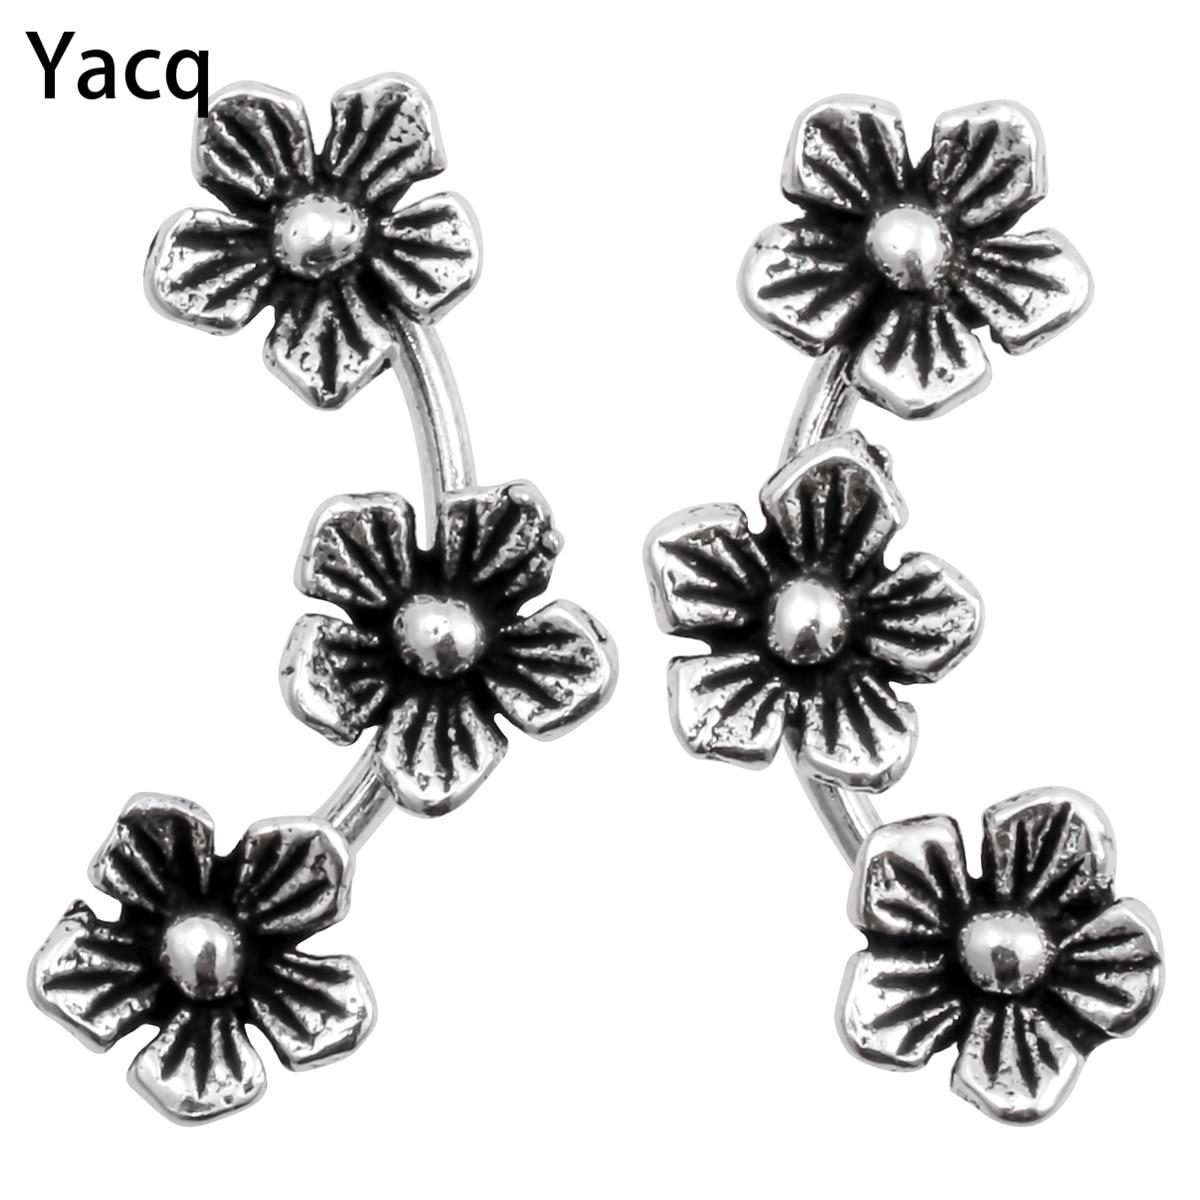 YACQ 925 Fleurs En Argent Stud Boucles D'oreilles CostumeFashion Bijoux D'anniversaire Cadeaux pour Femmes Filles Sa Mère Dropshipping YCE135